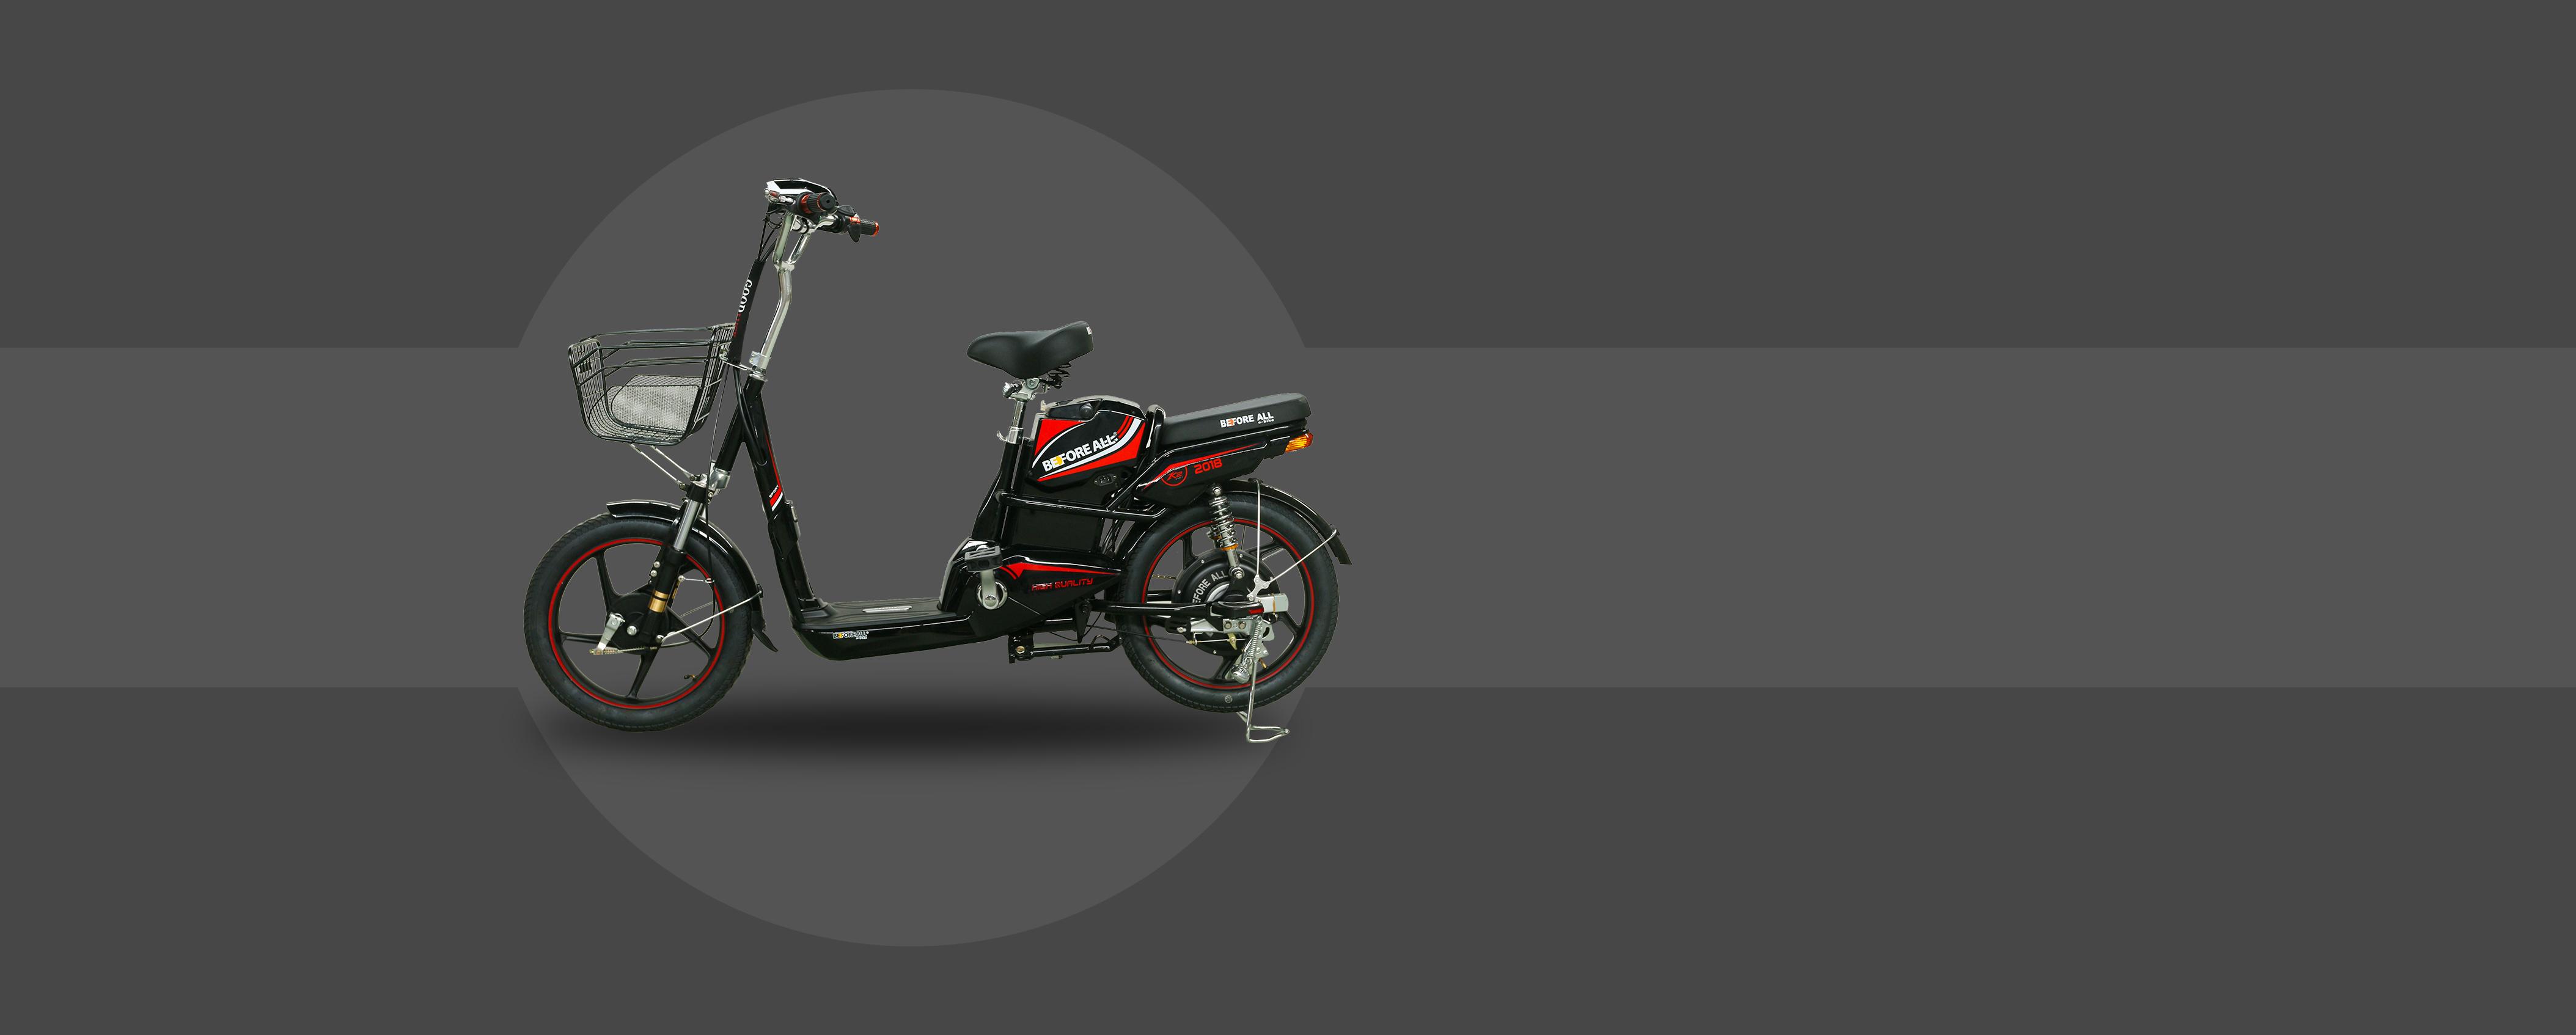 Xe đạp điện K2 Model 2018 - Before All - XE ĐIỆN BEFORE ALL